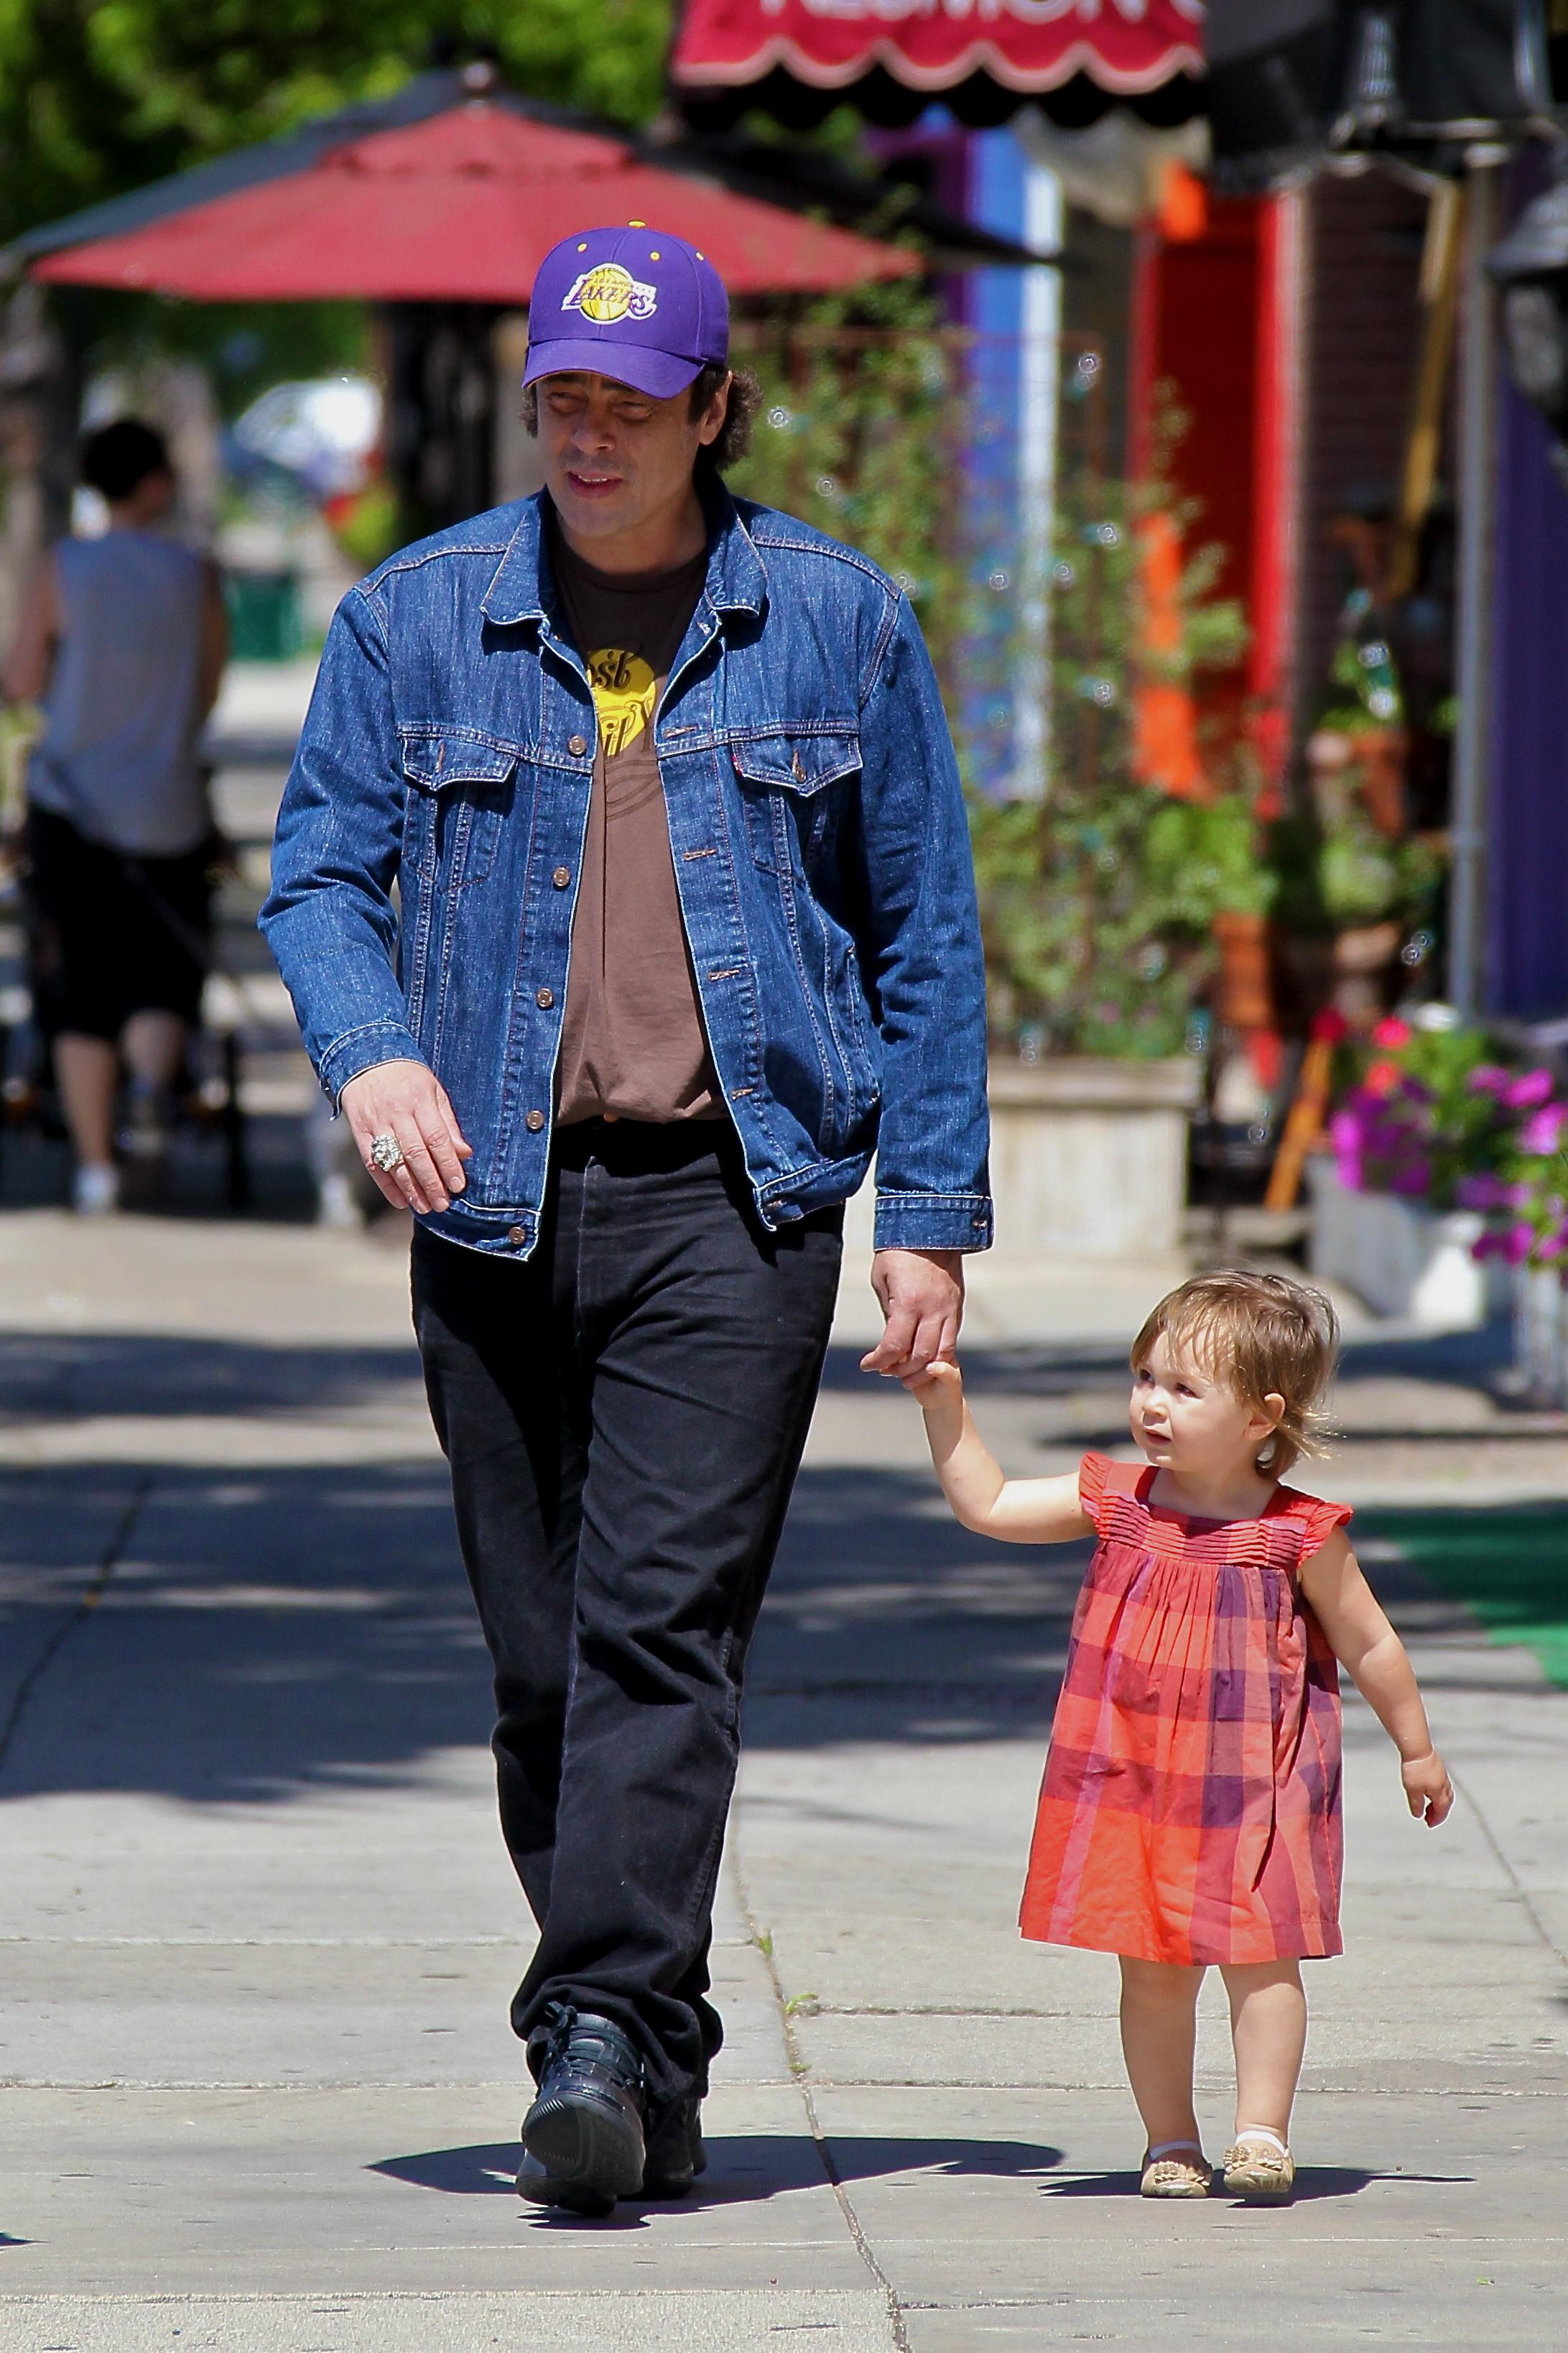 Benicio del Toro out and about